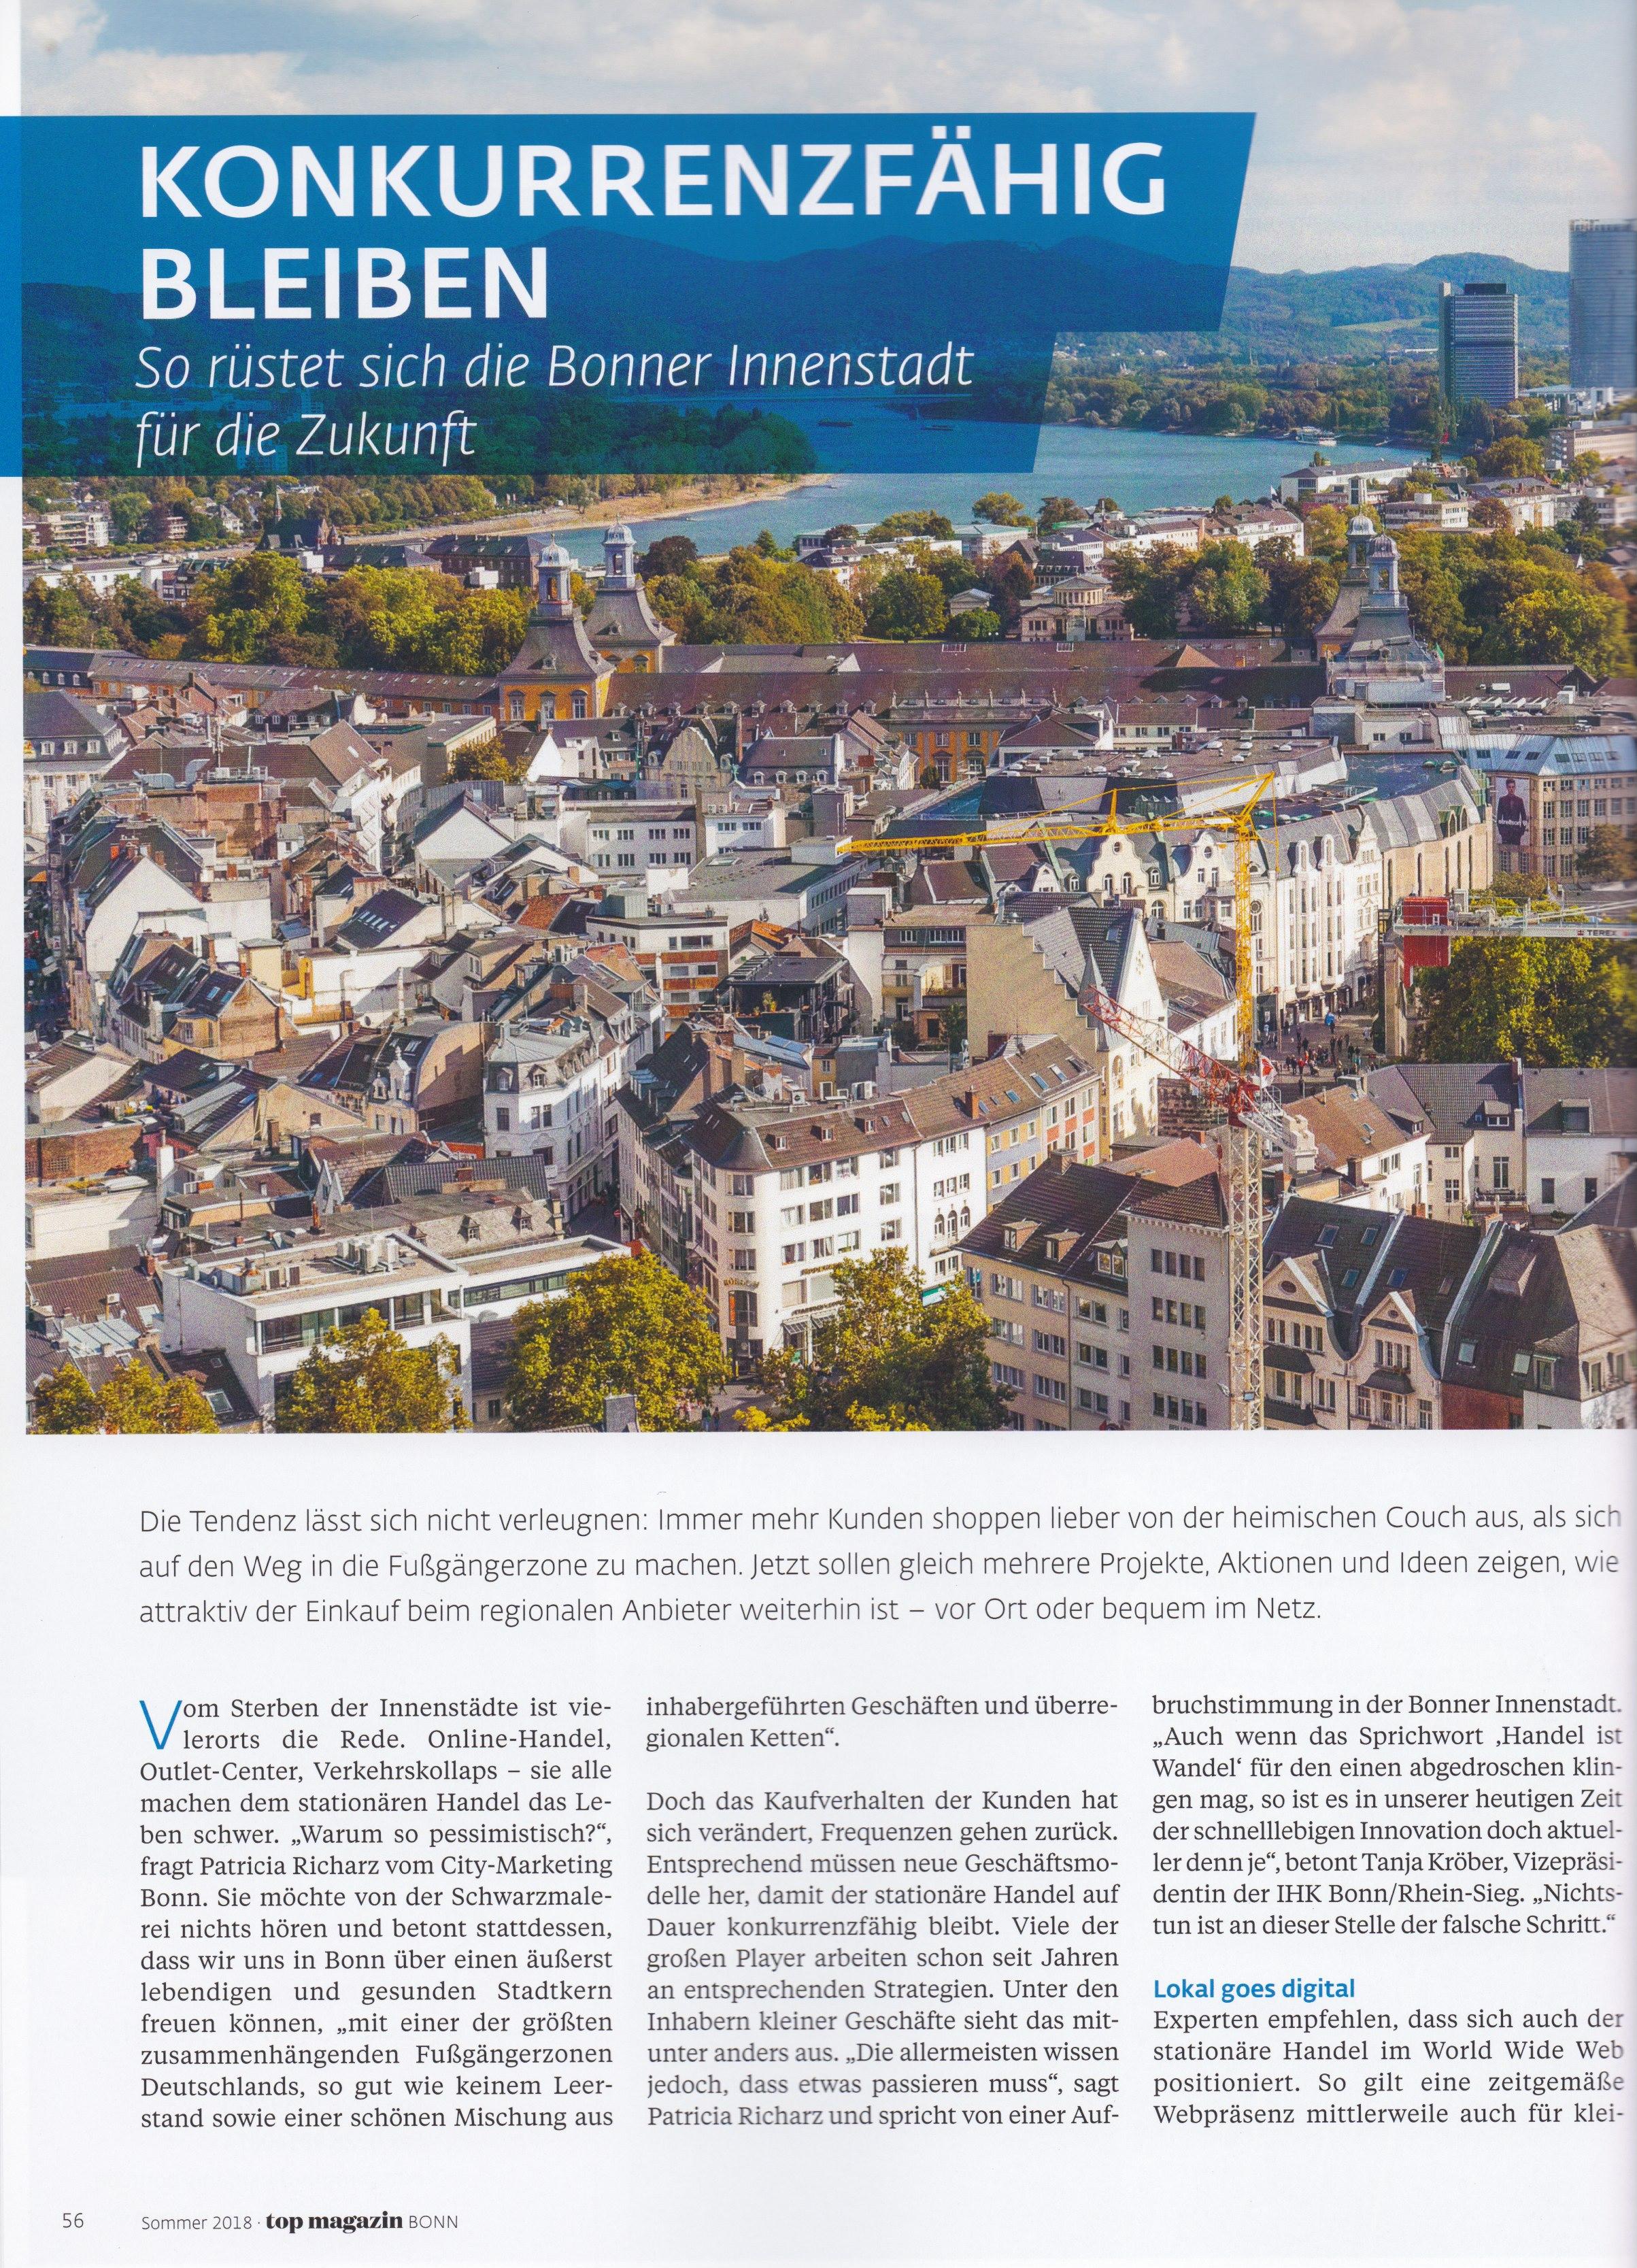 Top Magazin Bonn 1 - Differenzierung, USP, Wertsteigerung - Roman Kmenta - Keynote Speaker und Autor